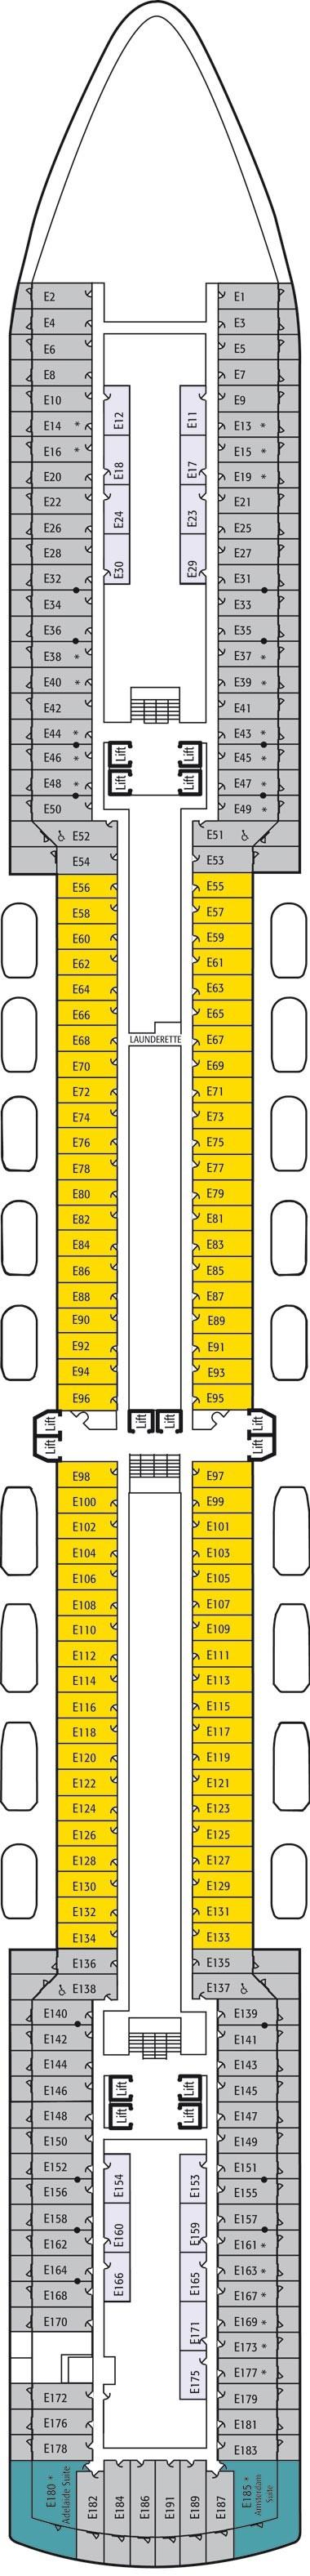 E deck deck plan for Arcadia deck plans